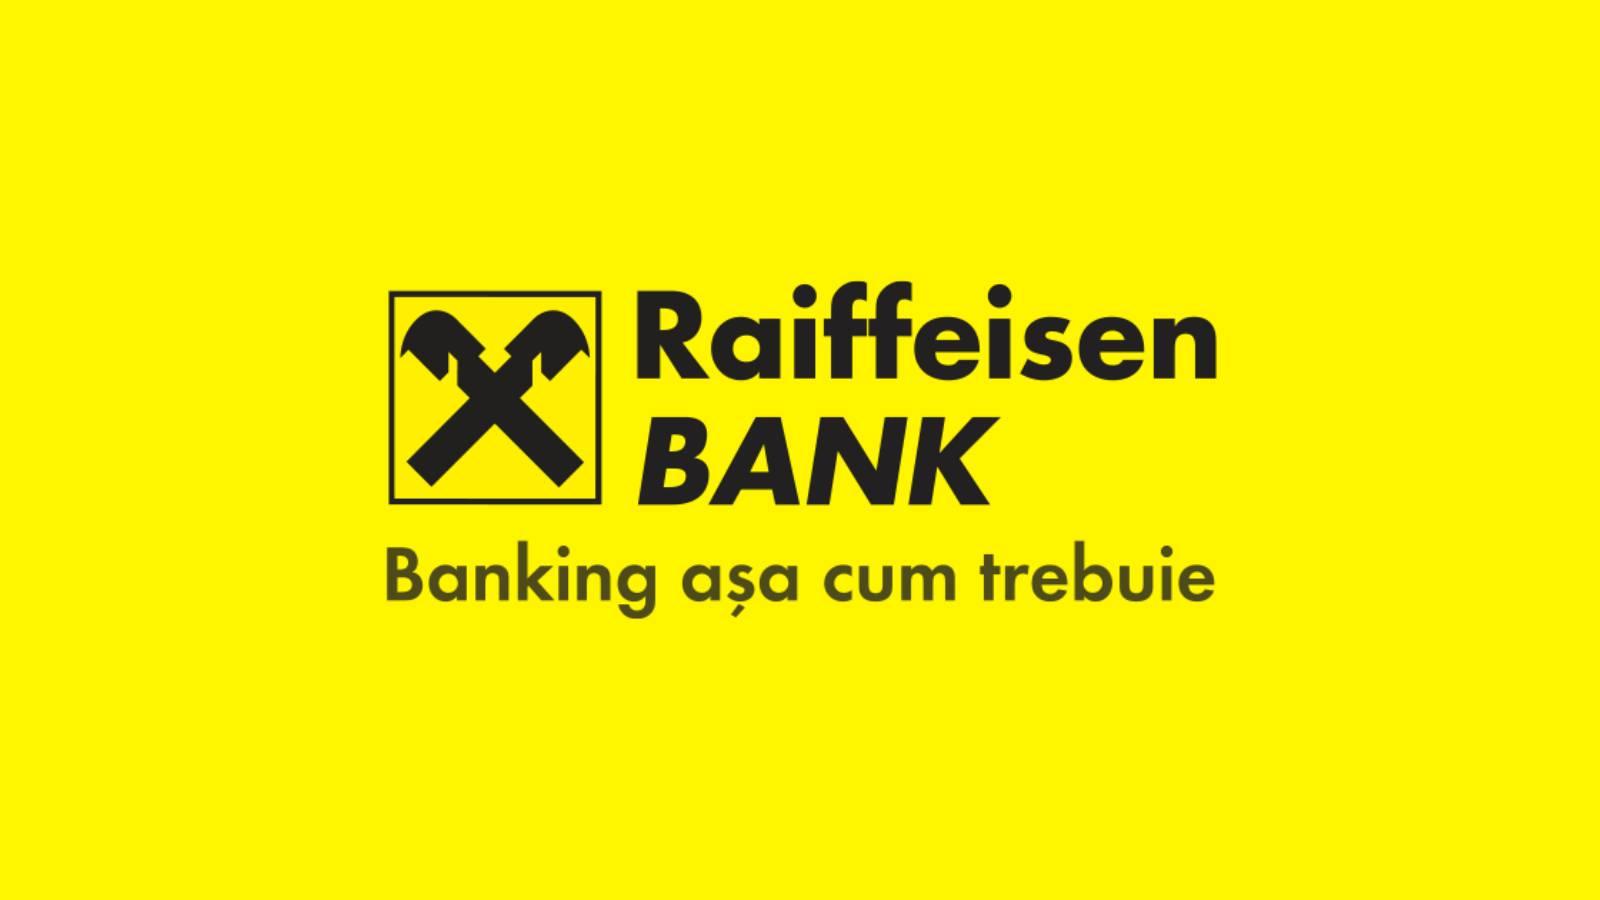 Raiffeisen Bank show